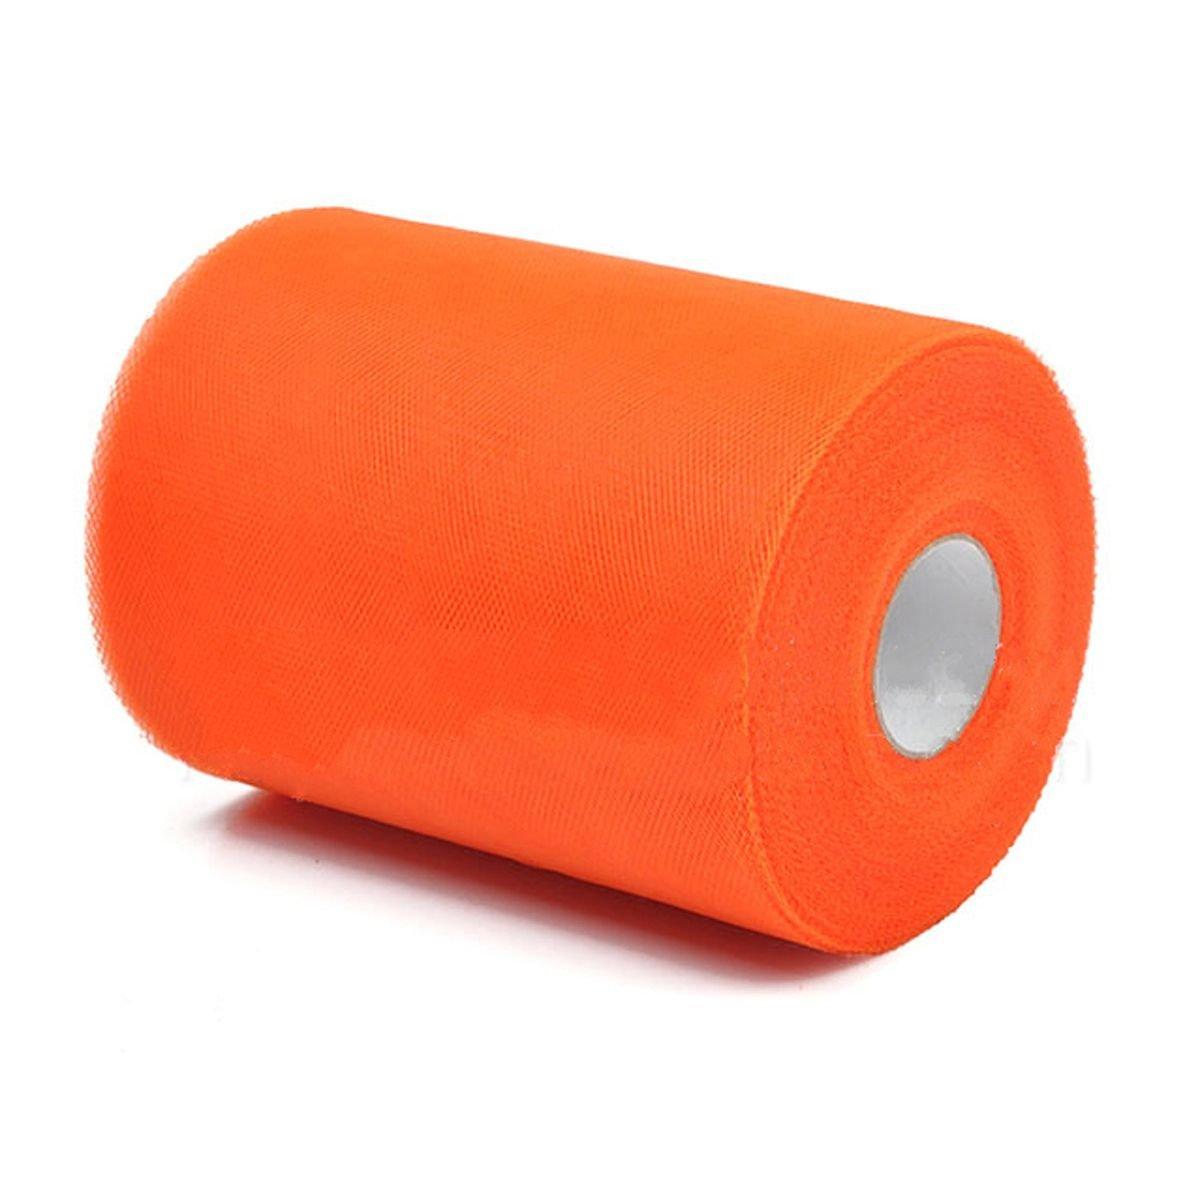 SODIAL(R) Suave 6 Pulgada x100 yd Carrete de rollo de tul Decoracion de fiesta nvoltura nupcial del arte de boda 6 Pulgada x300 pies Nuevo naranja